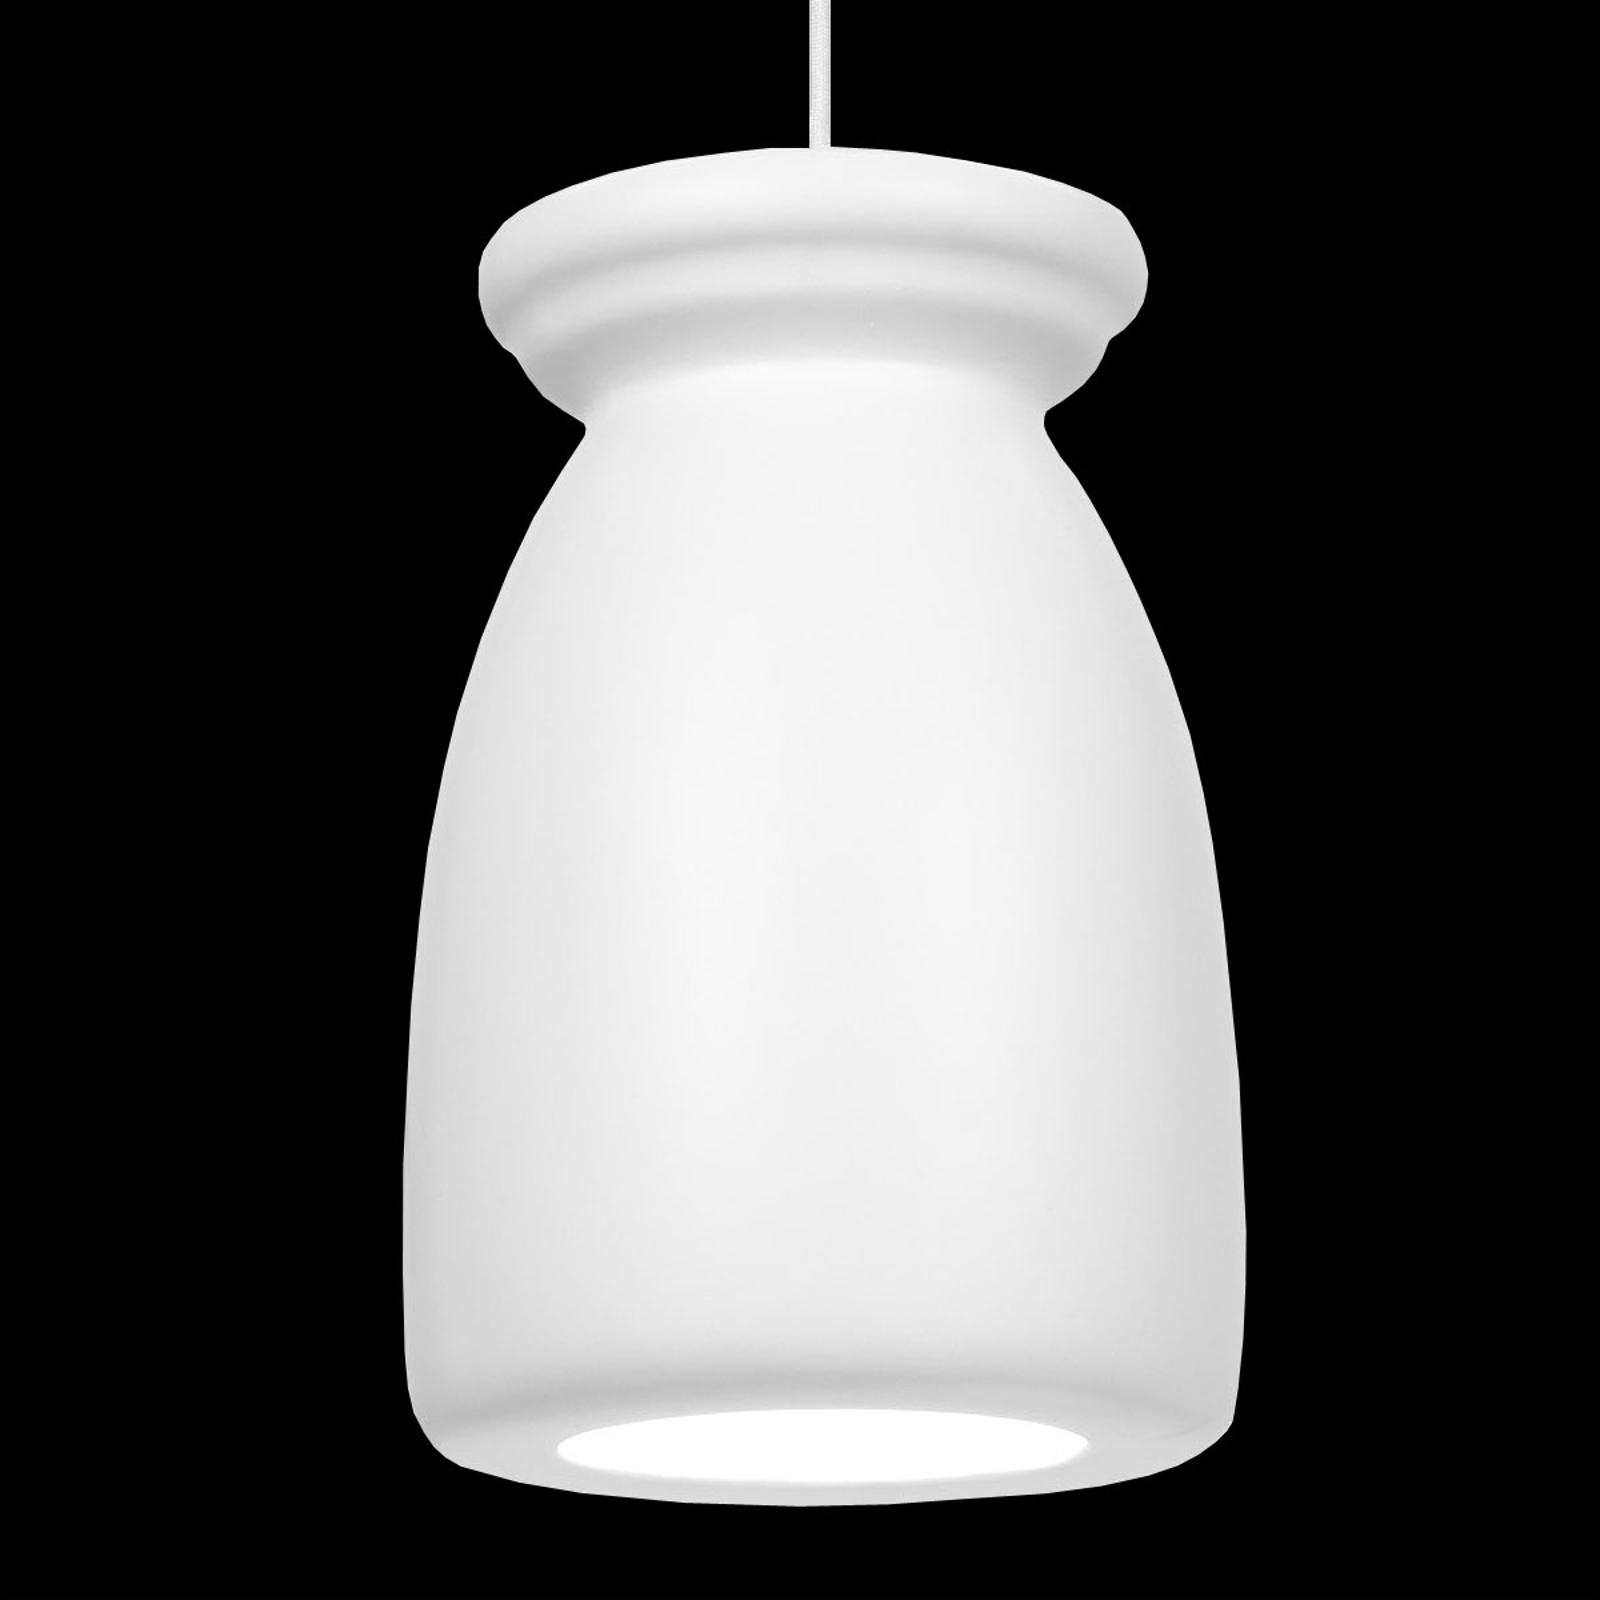 Gewelfde hanglamp Biscuit met designerkwaliteit